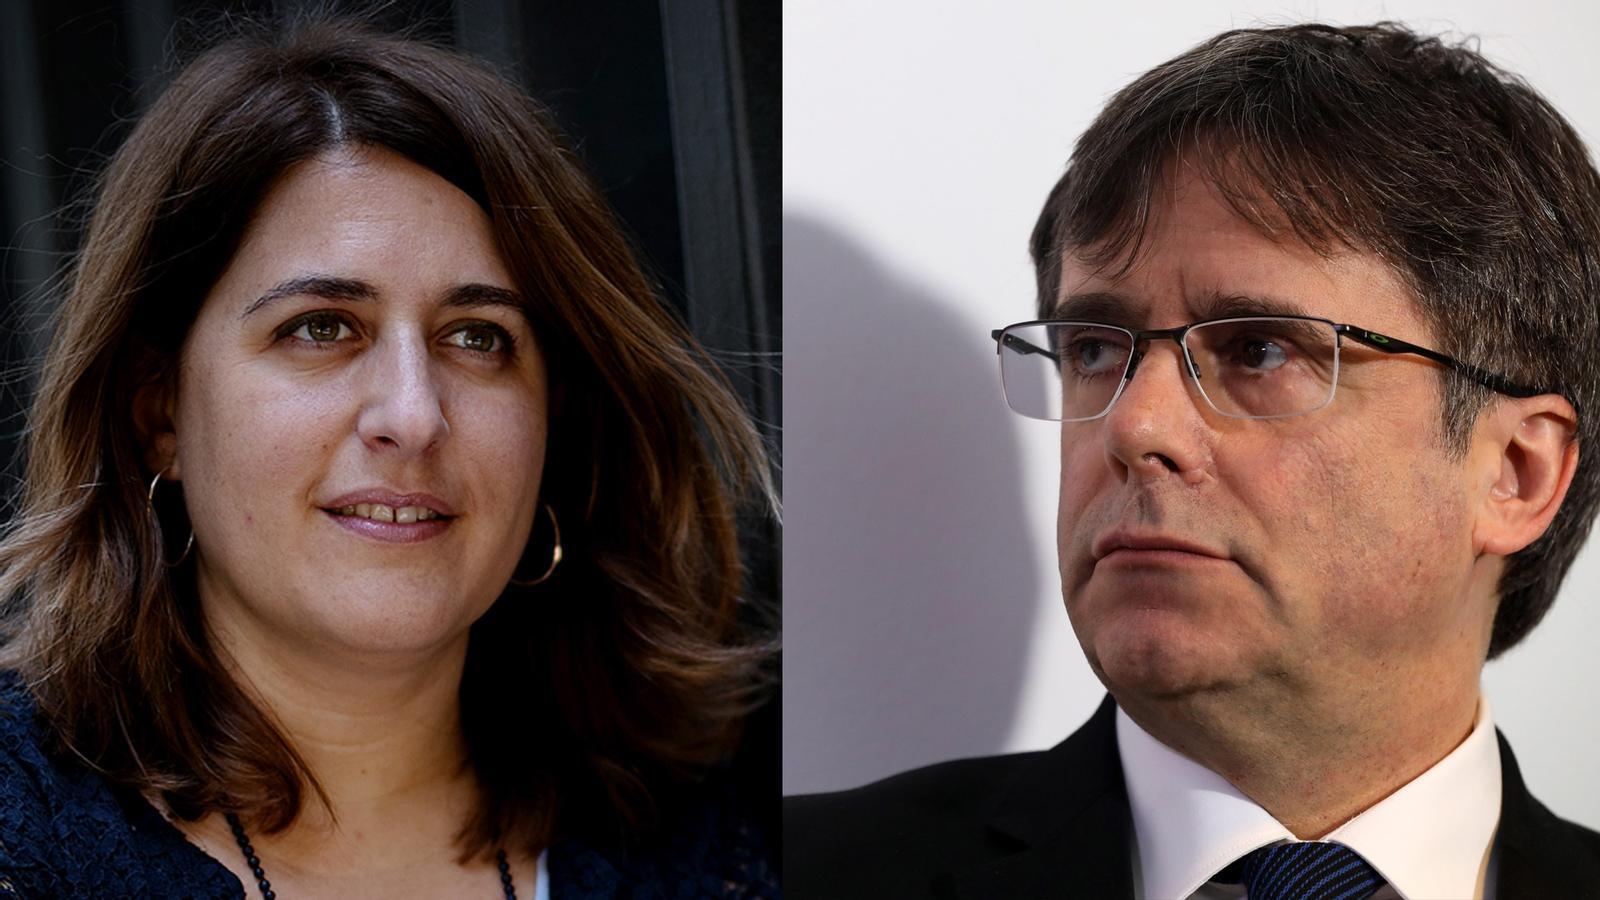 L'anàlisi d'Antoni Bassas: 'Puigdemont: emotivitat desbordada o principal actiu electoral?'